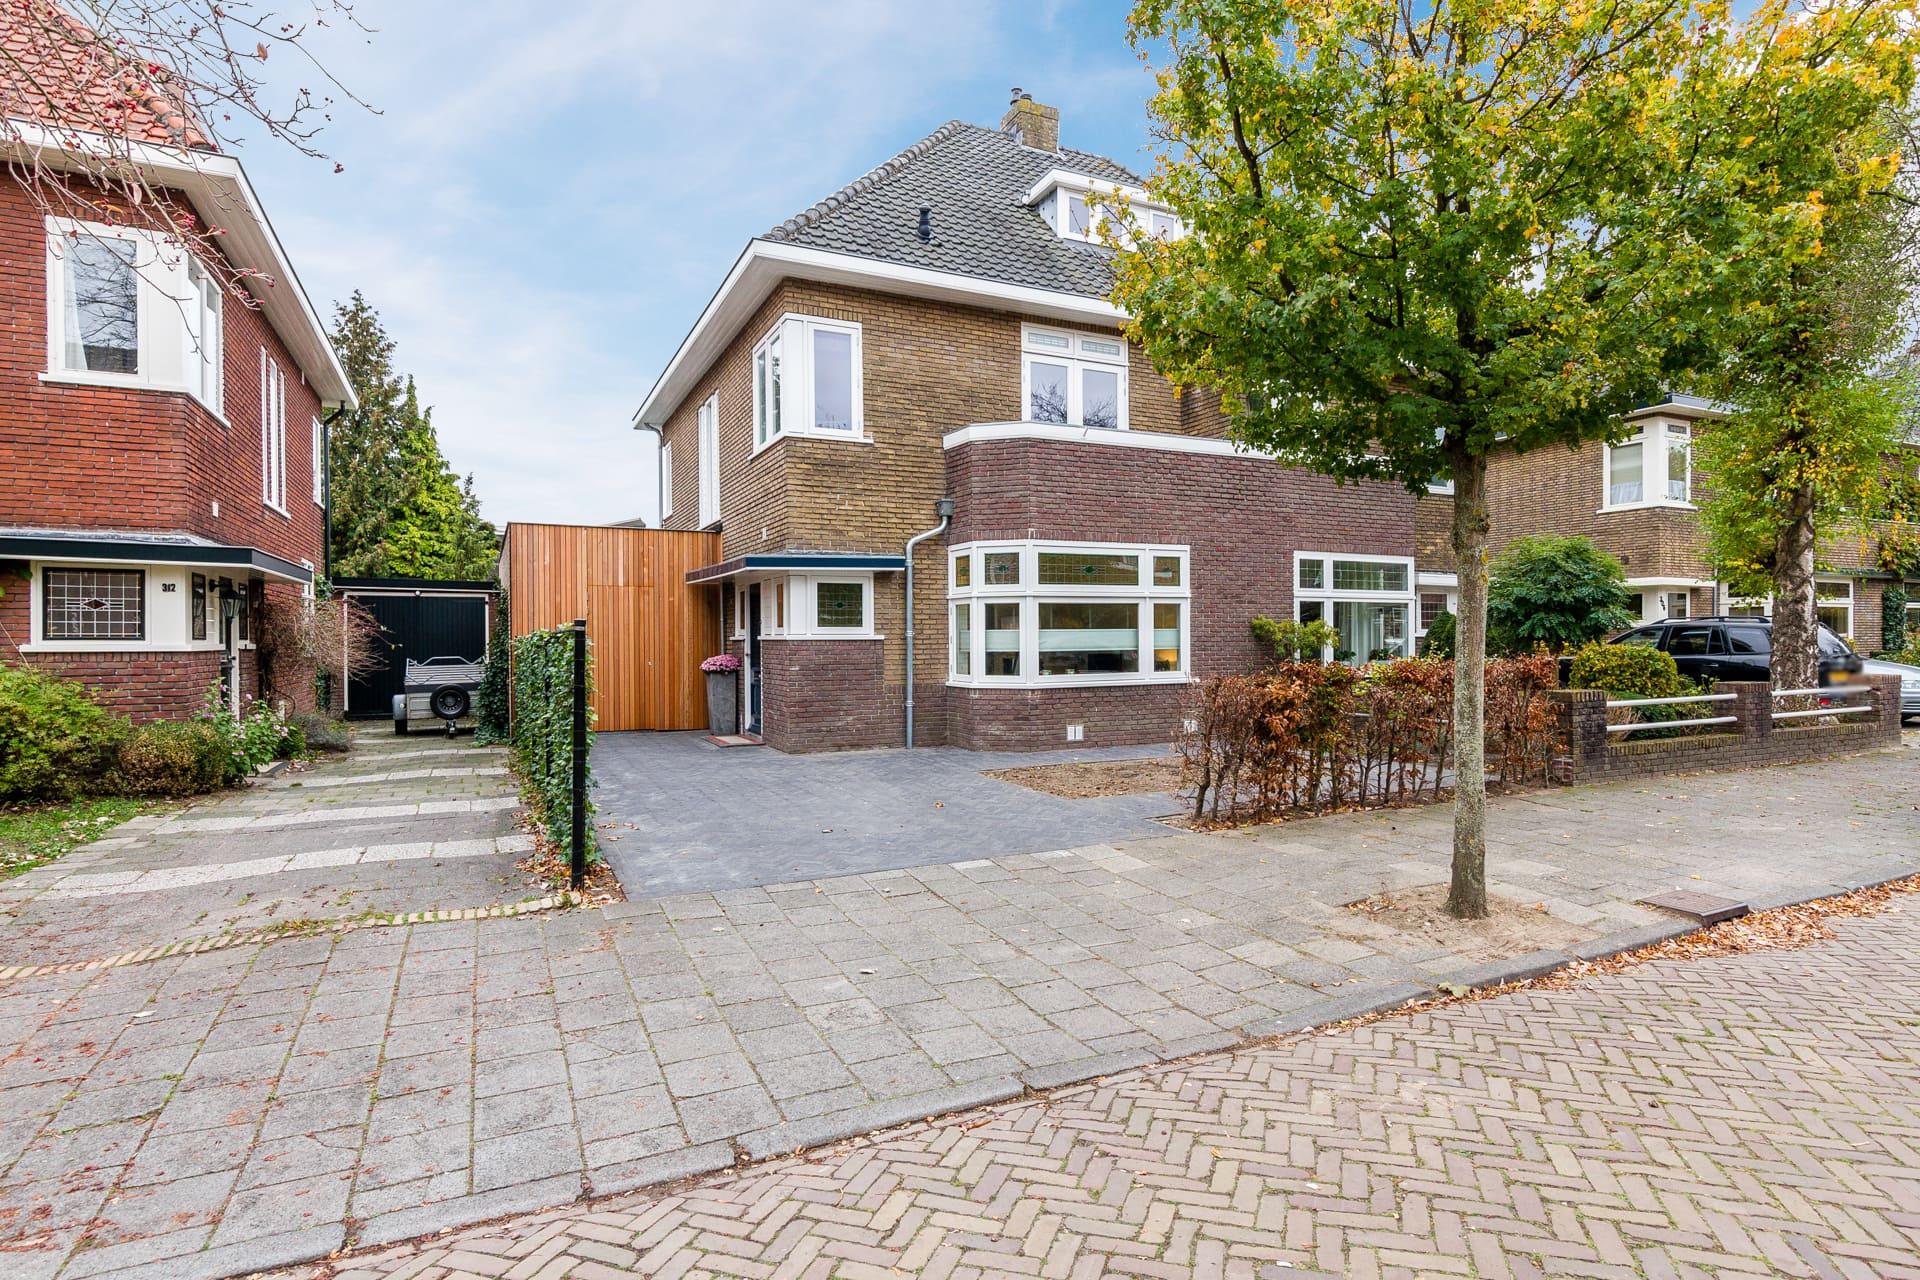 van-Os-architecten-verbouwing-2-onder-1-kapper-Valkenierslaan-Breda-aanbouw-in-verticaal-hout